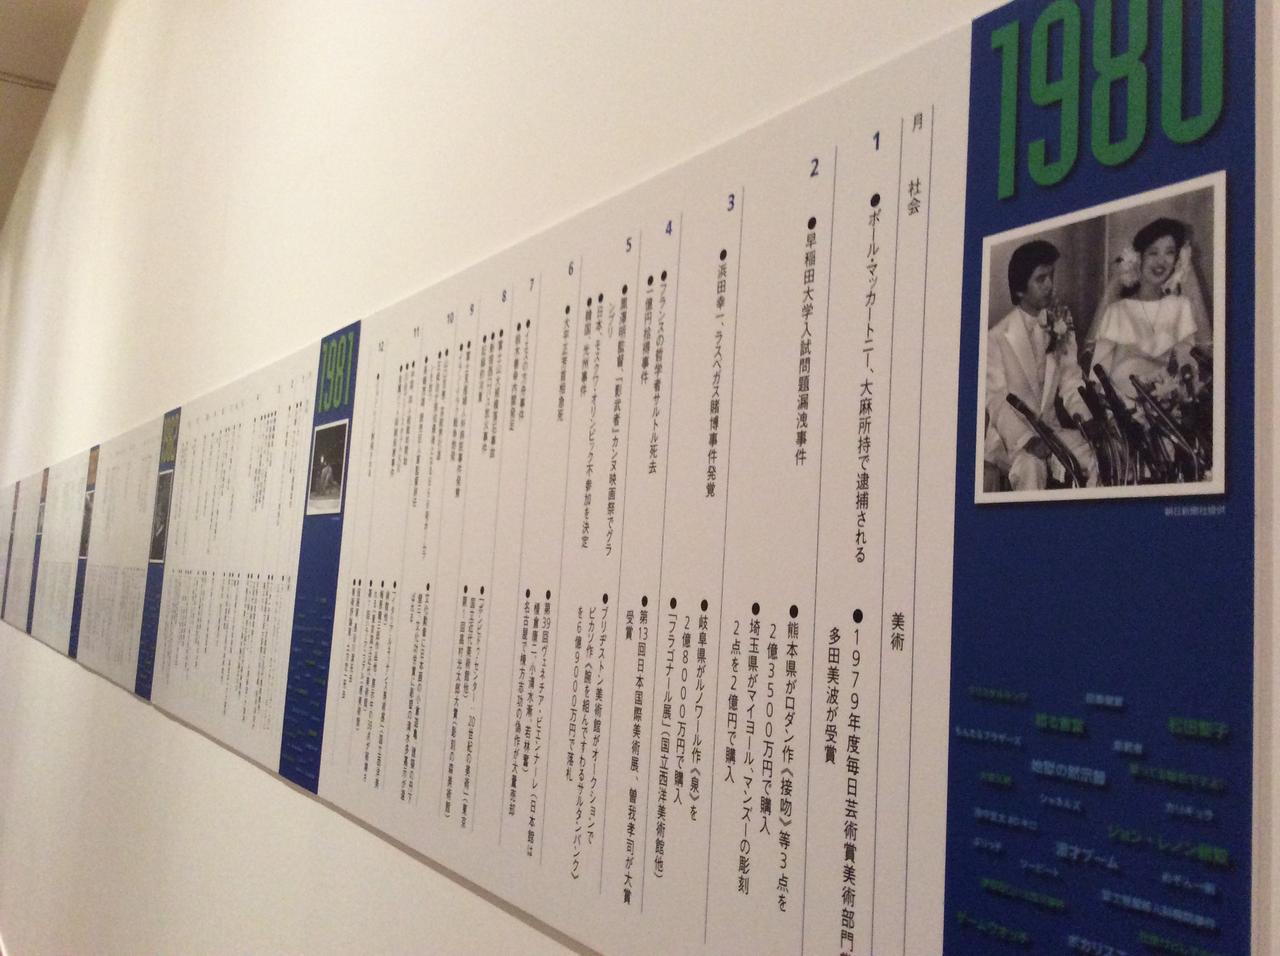 画像: 1980年代の年表 「ニュー・ウエーブ 現代美術の80年代」展示 photo©︎cinefil